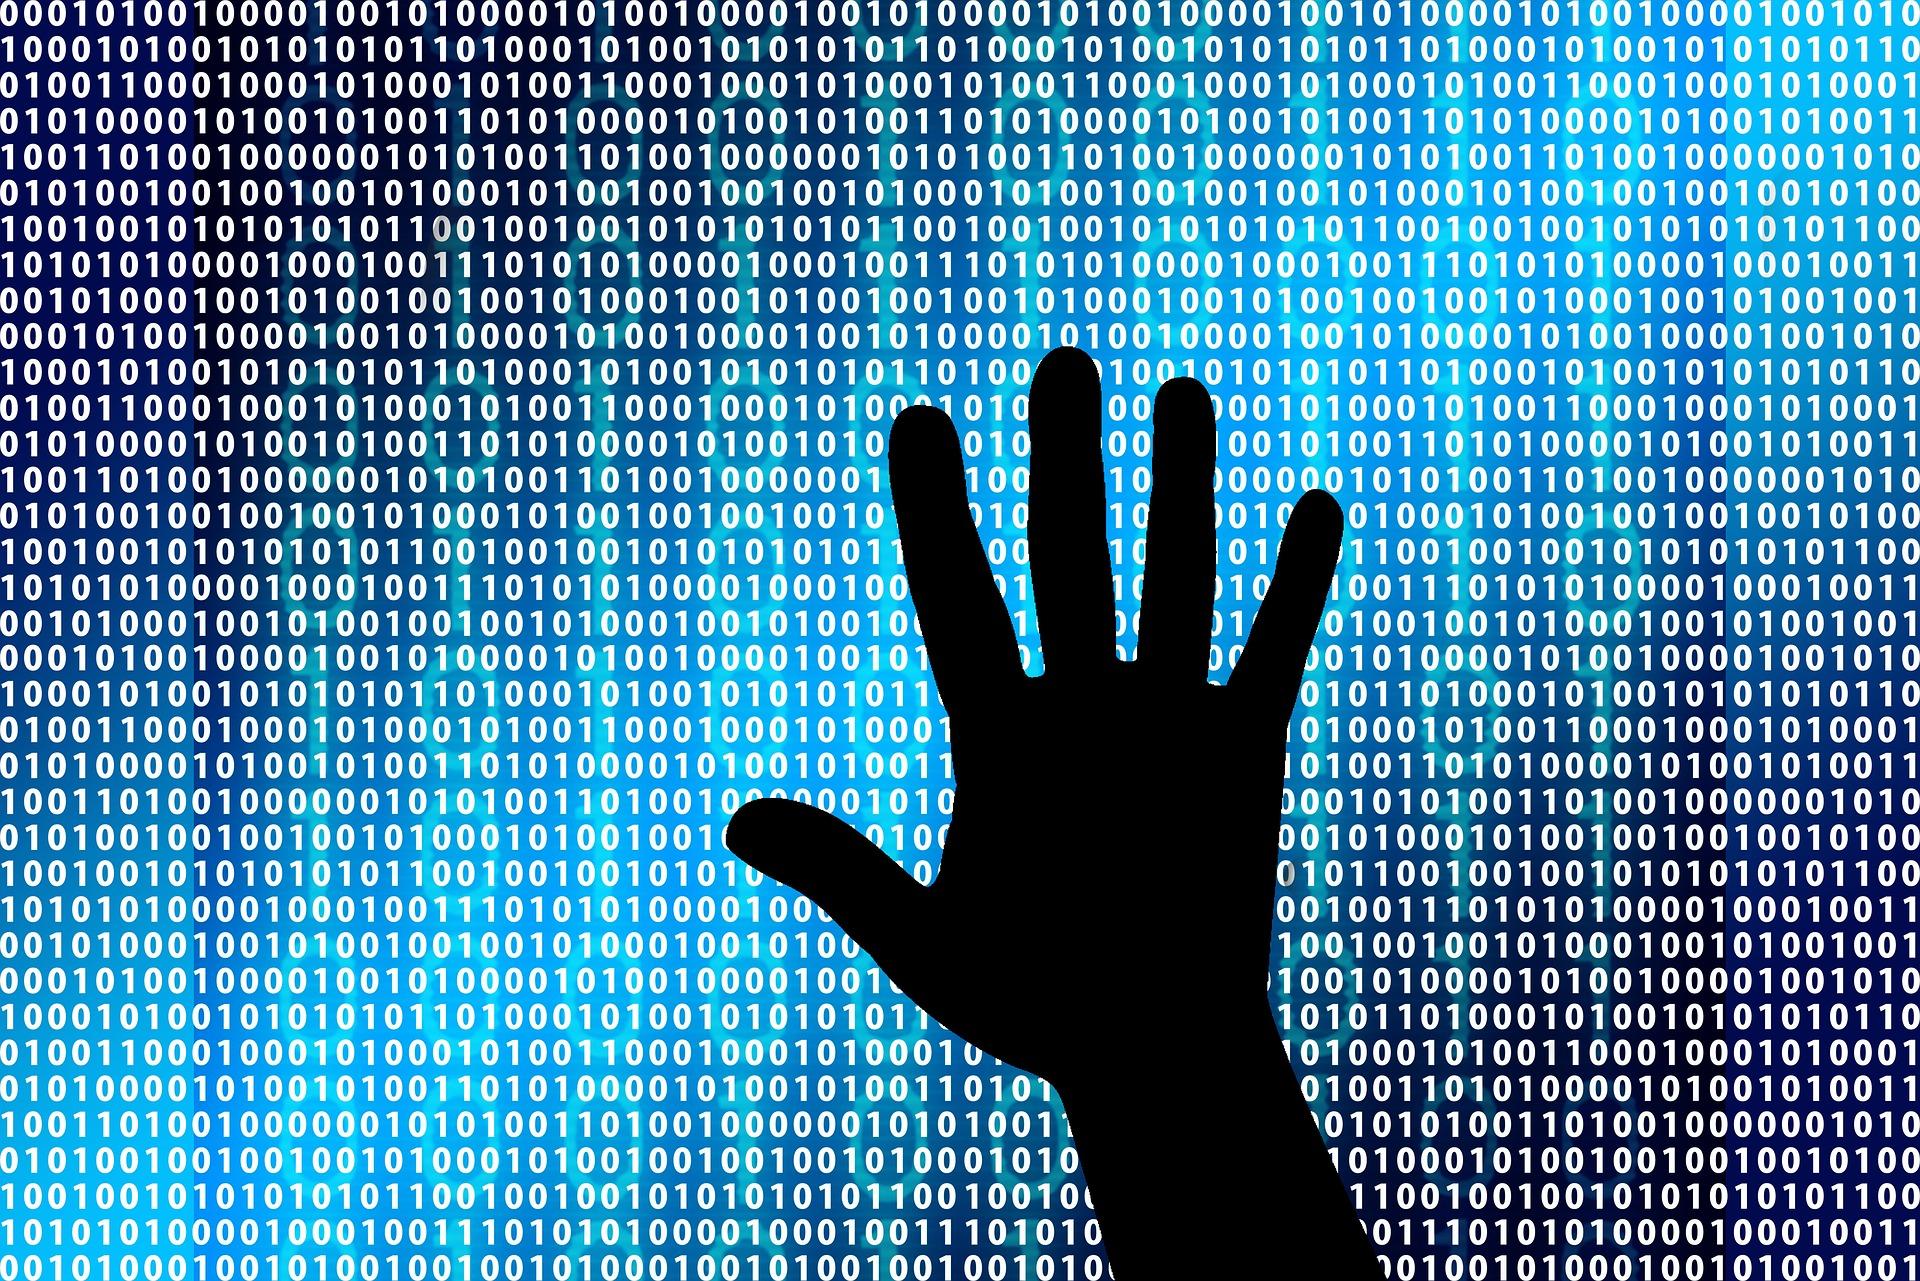 'Cybercriminaliteit grootste bedreiging voor democratie'